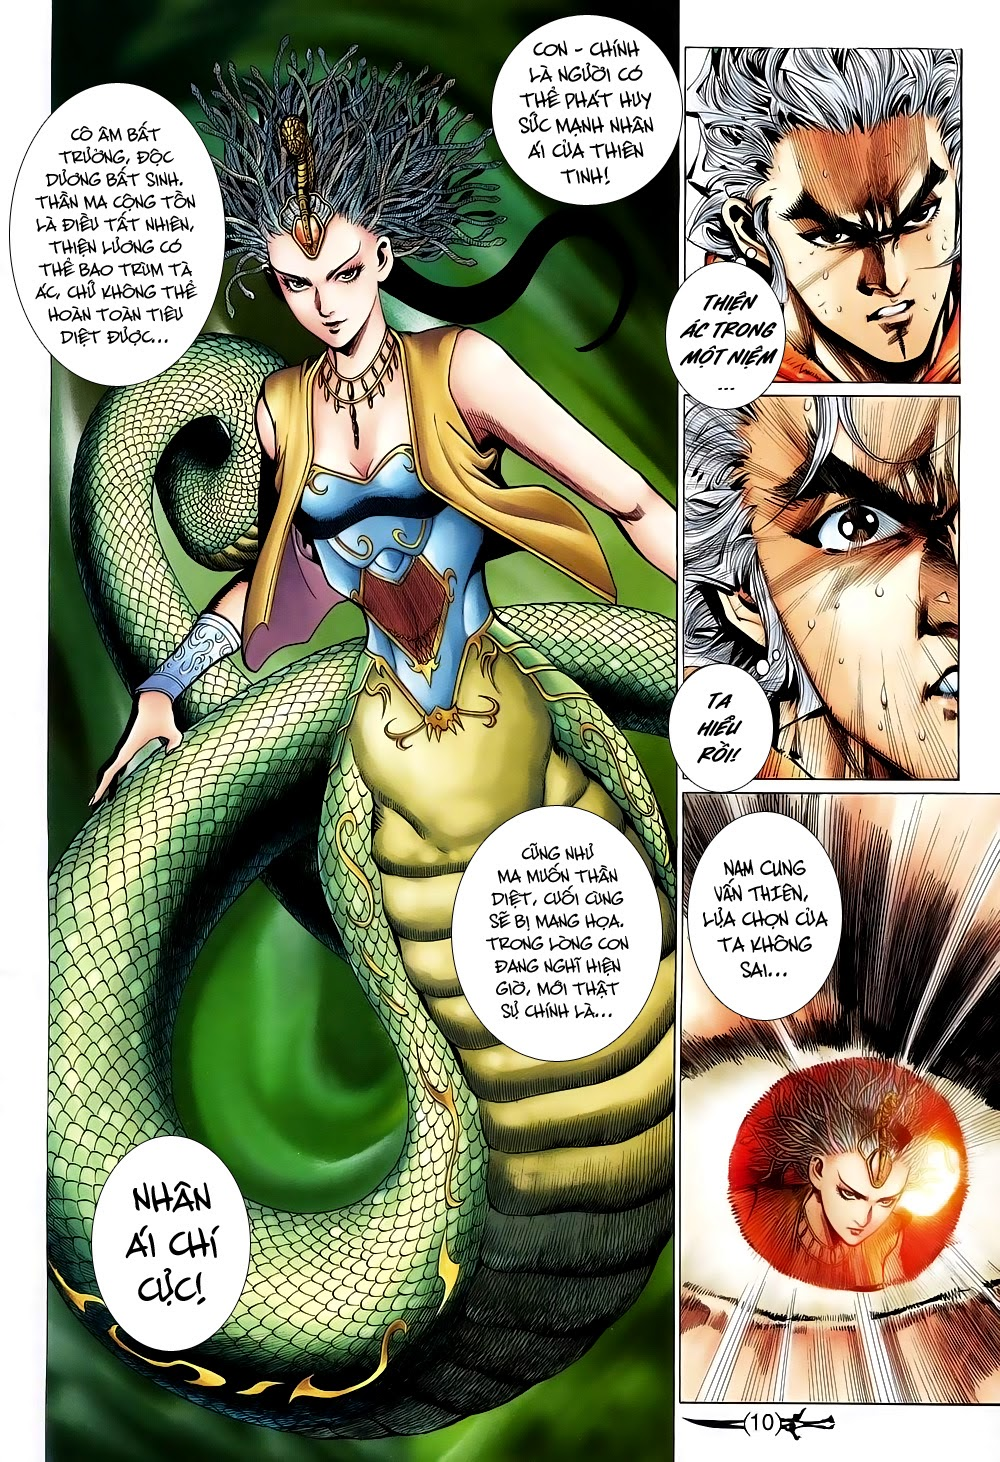 Thần Binh Huyền Kỳ II Chap 100 - Trang 9